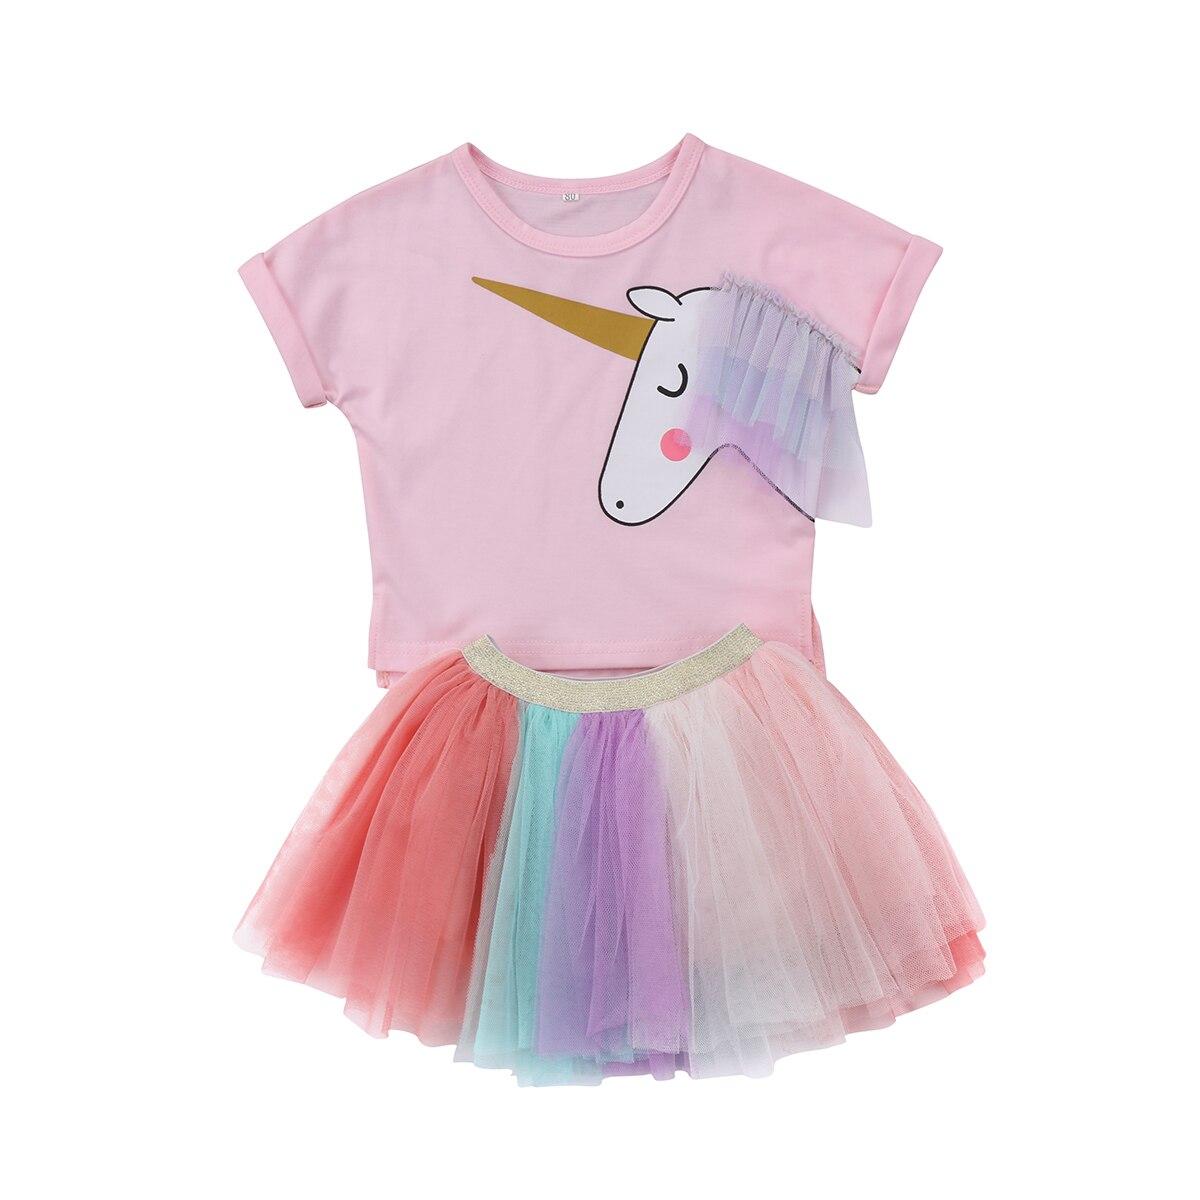 Kinder Babys Gedruckt Top T-shirt + Spitze Tutu Rock Outfits Set Kleidung Sommer